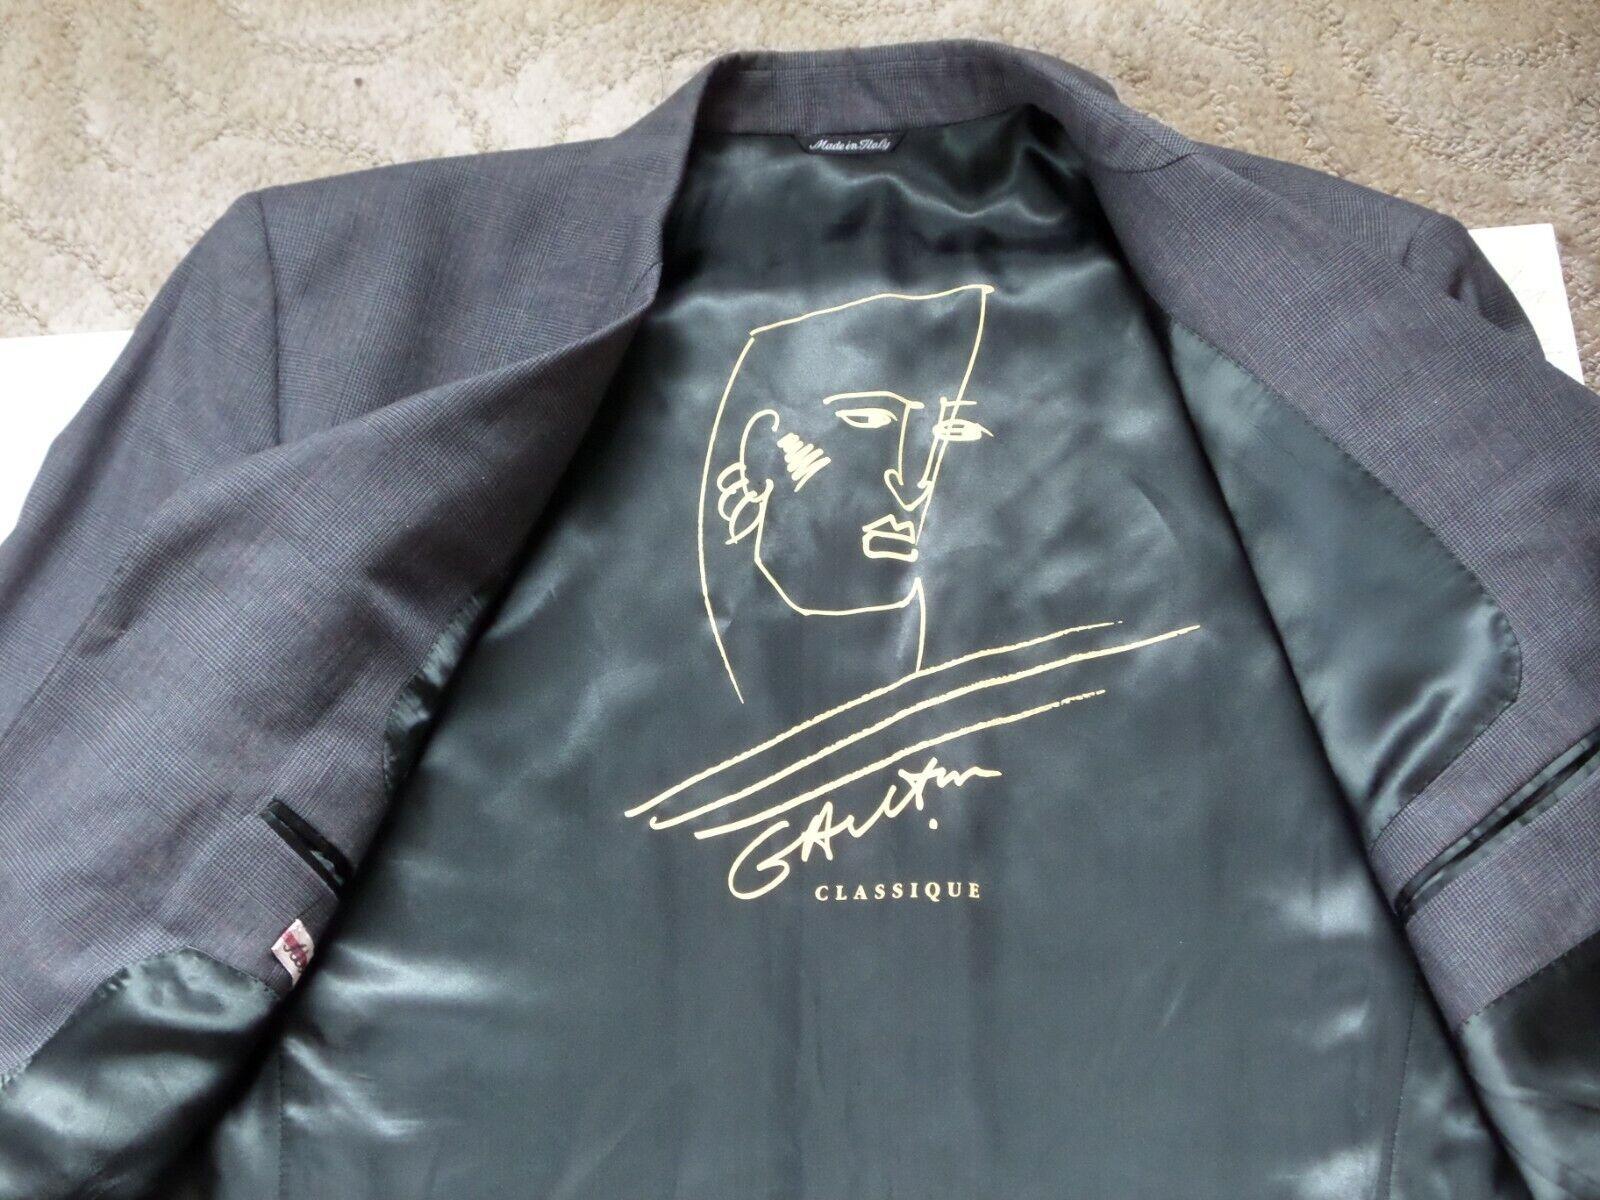 JEAN PAUL GAULTIER MODELL MODELL MODELL NO 101 grau Jacket Blazer,ska style mode 1c9